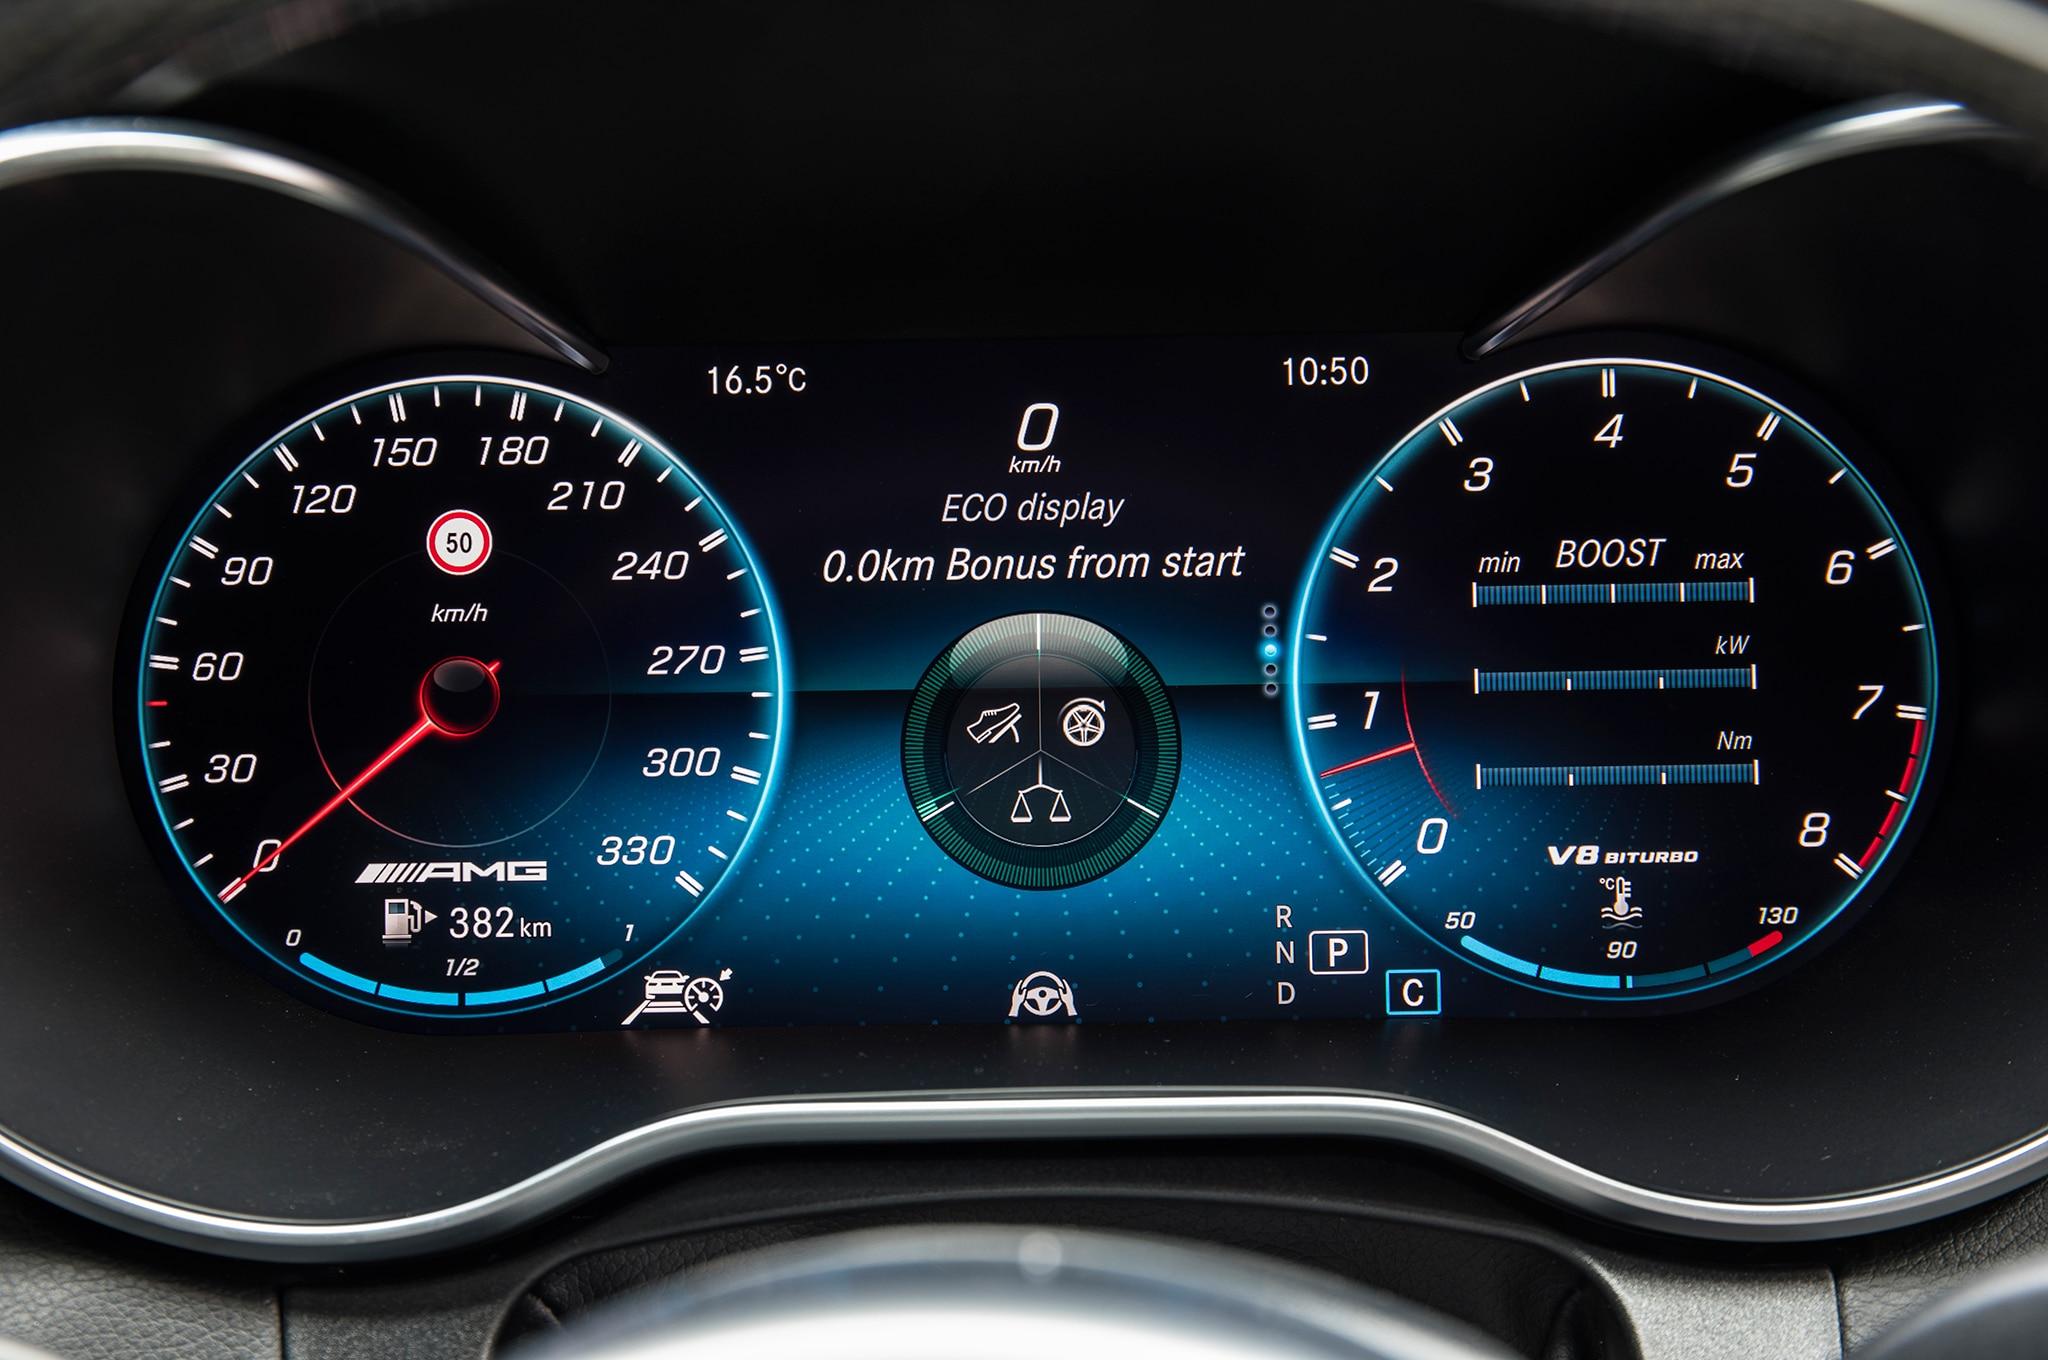 """Coupe Vs Sedan >> 12.3"""" Digital Instrument Cluster? - MBWorld.org Forums"""